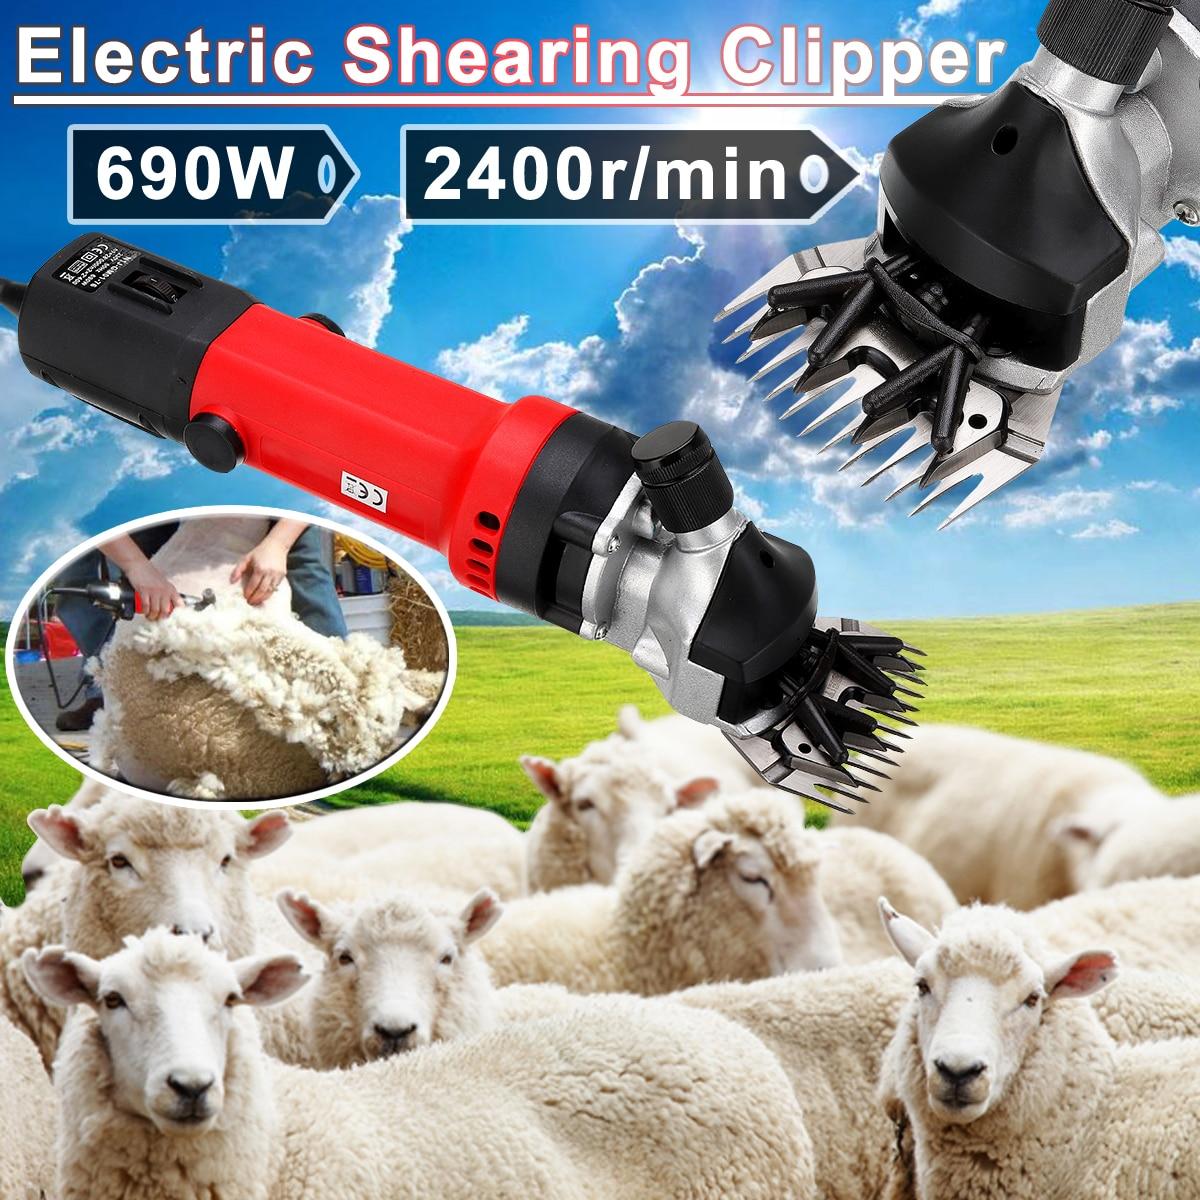 EU Plug 690 W électrique cisaillement tondeuse pour animaux de compagnie mouton cisaillement alpaga chèvre ferme laine coupe tondeuse 220 V pour laine électrique mouton cisaillement